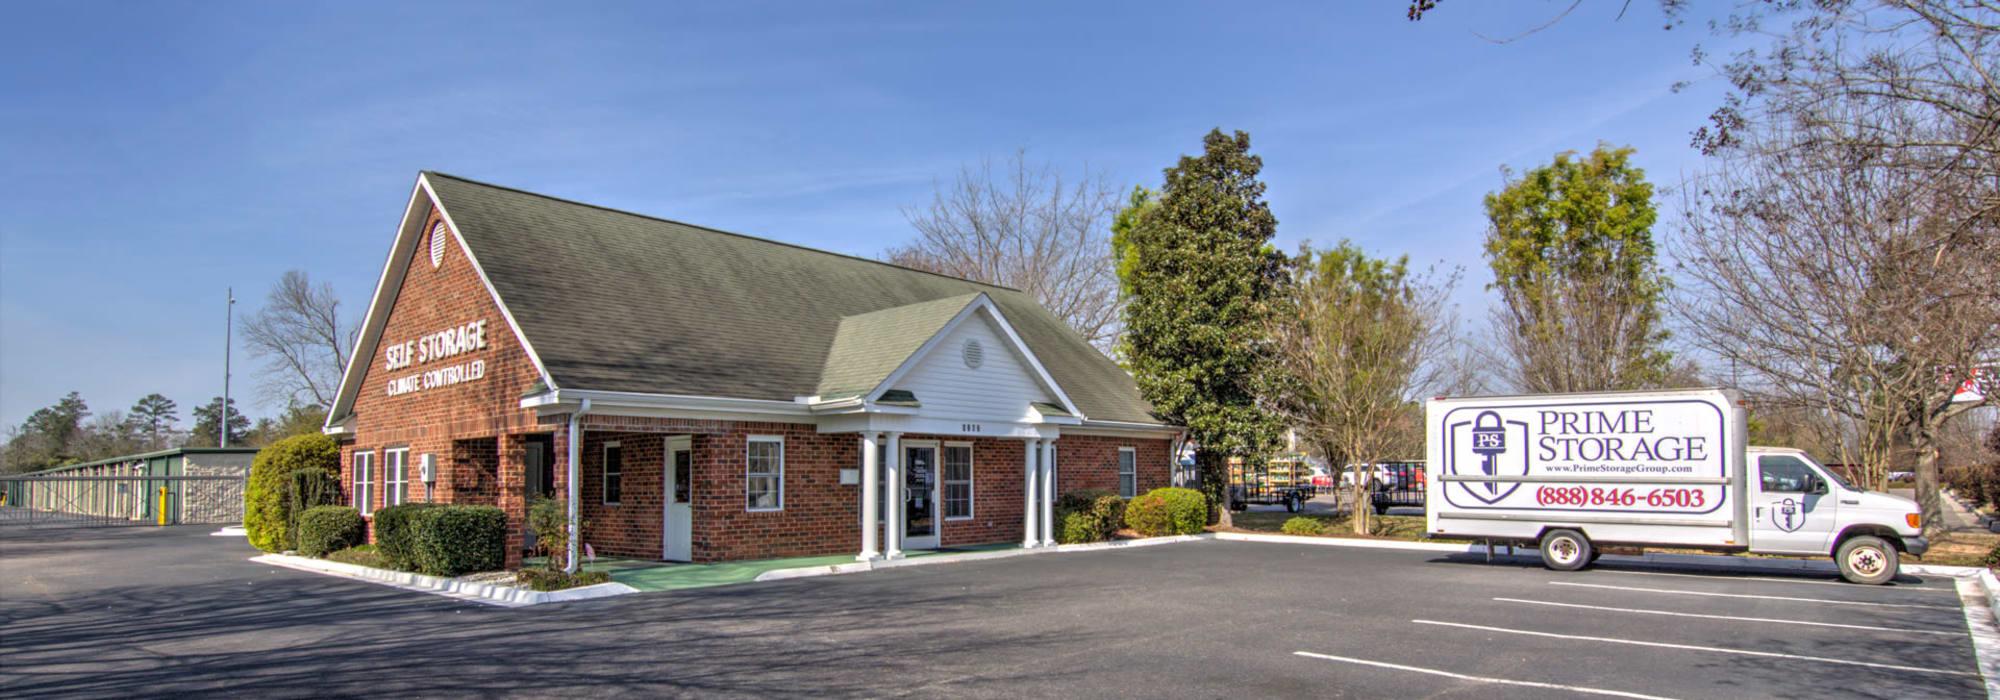 Prime Storage in Aiken, SC